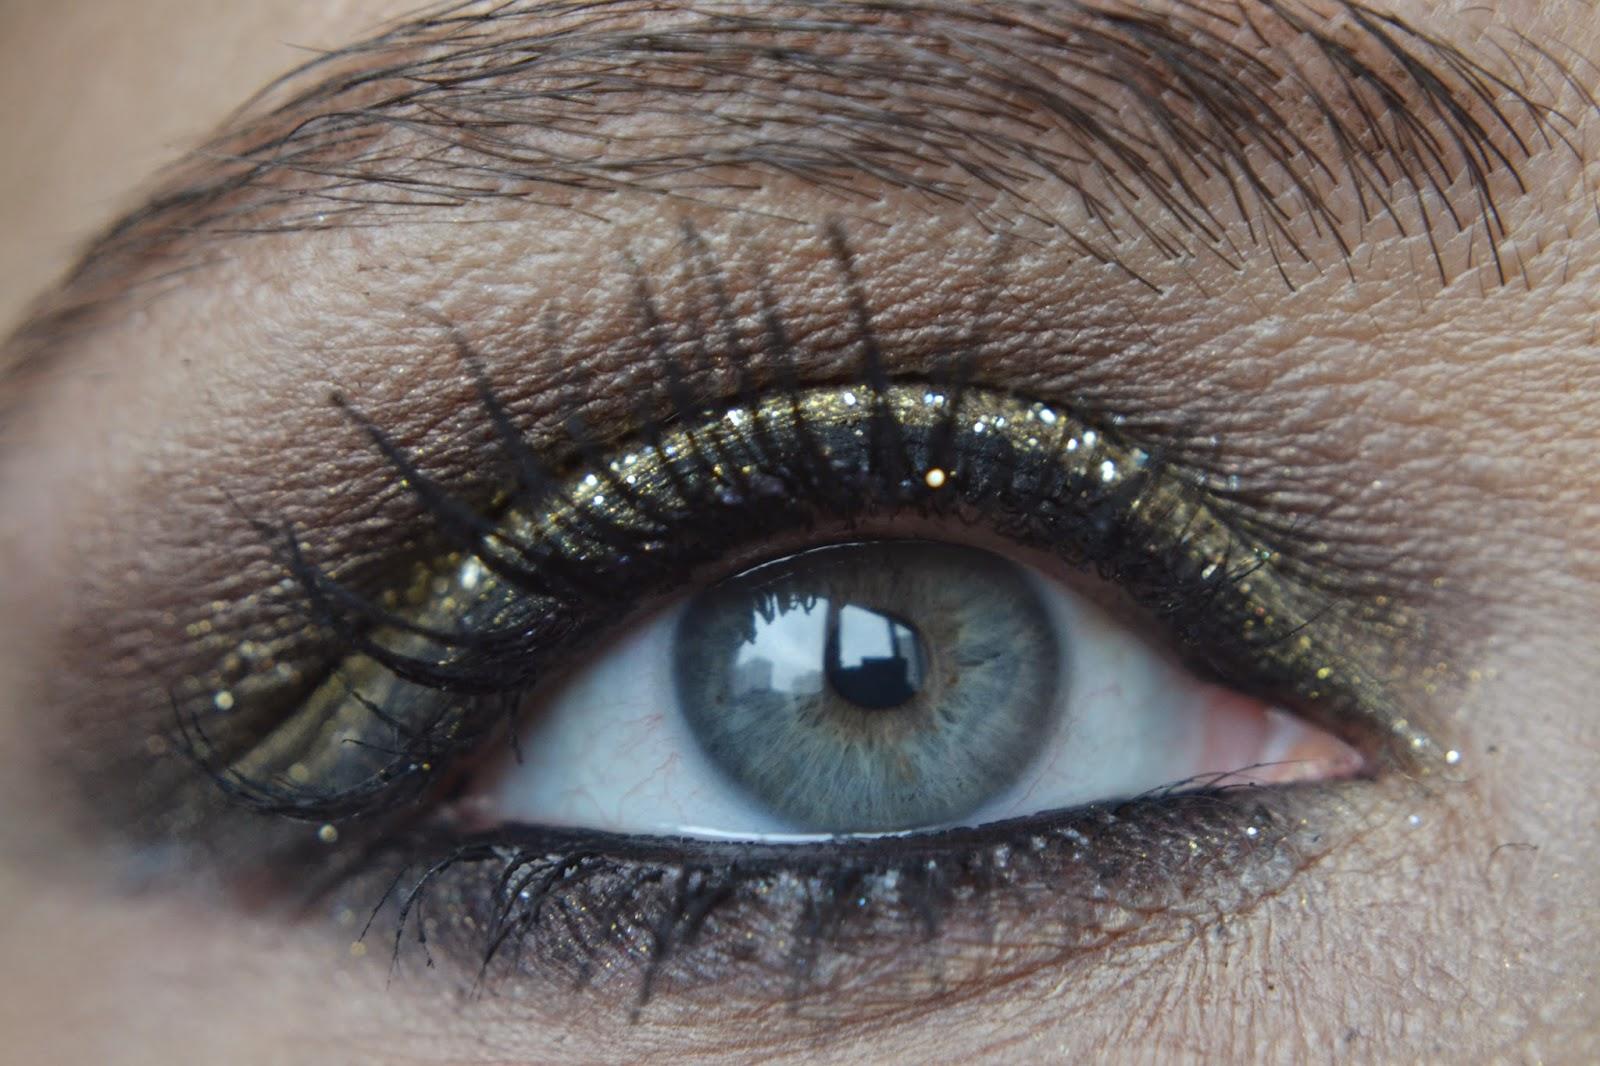 makyaj blogları - kozmetik blogları - yılbaşı makyajı - new years make up -  mac cosmetics - makyaj uygulaması - makeup tutorial - turkish youtuber